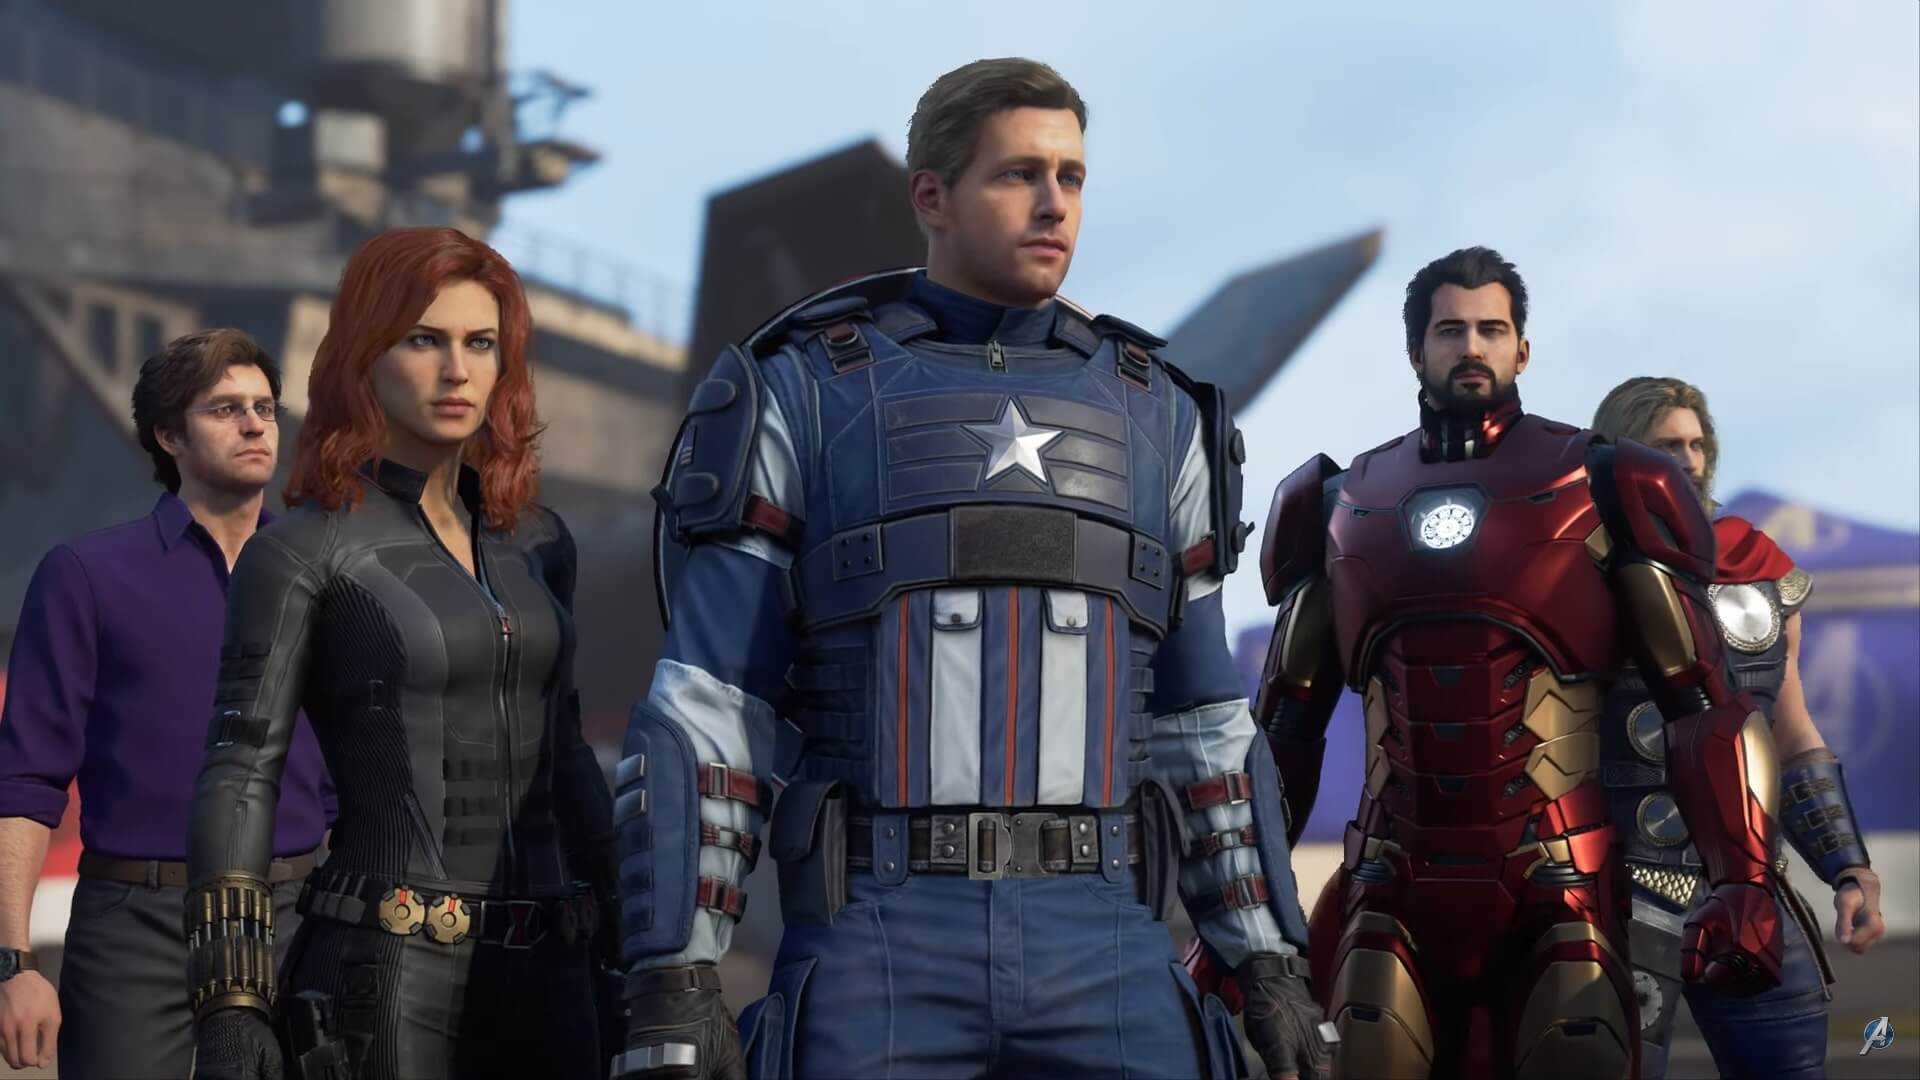 Мстители провалились. Замесяц Marvel's Avengers потеряла 90% игроков вSteam